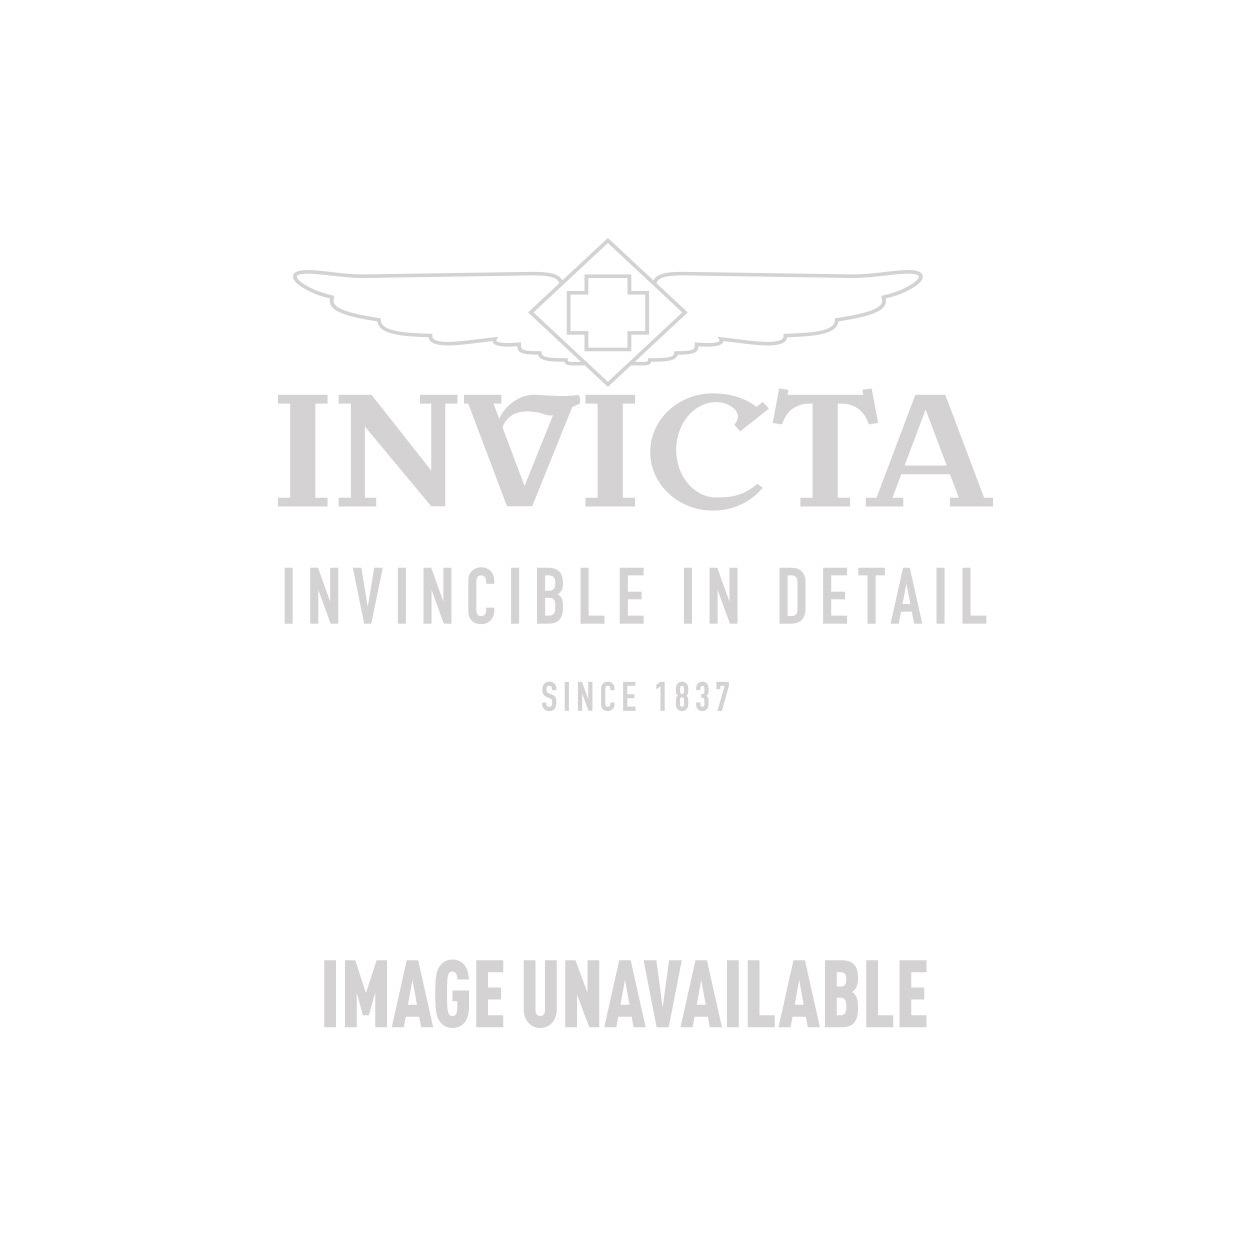 Invicta Model 24317